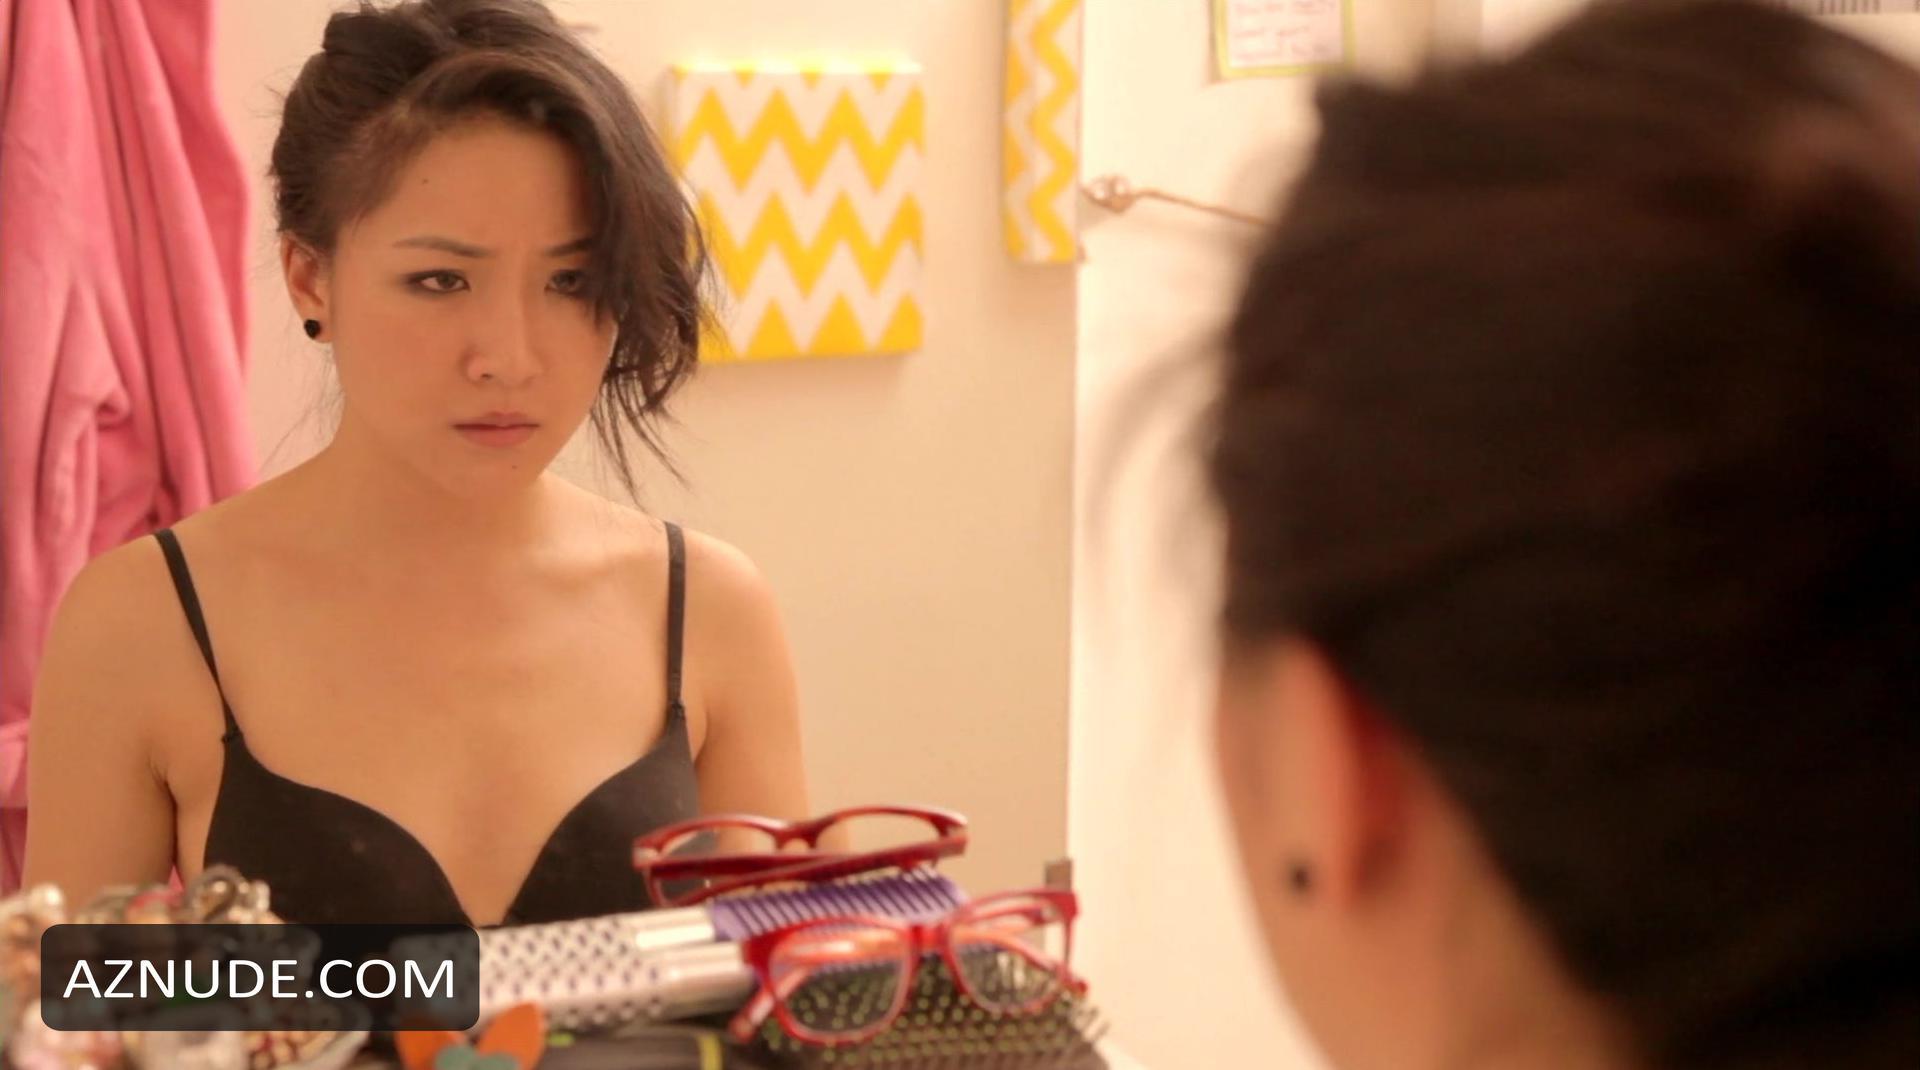 Wu naked constance Jennifer Lopez,